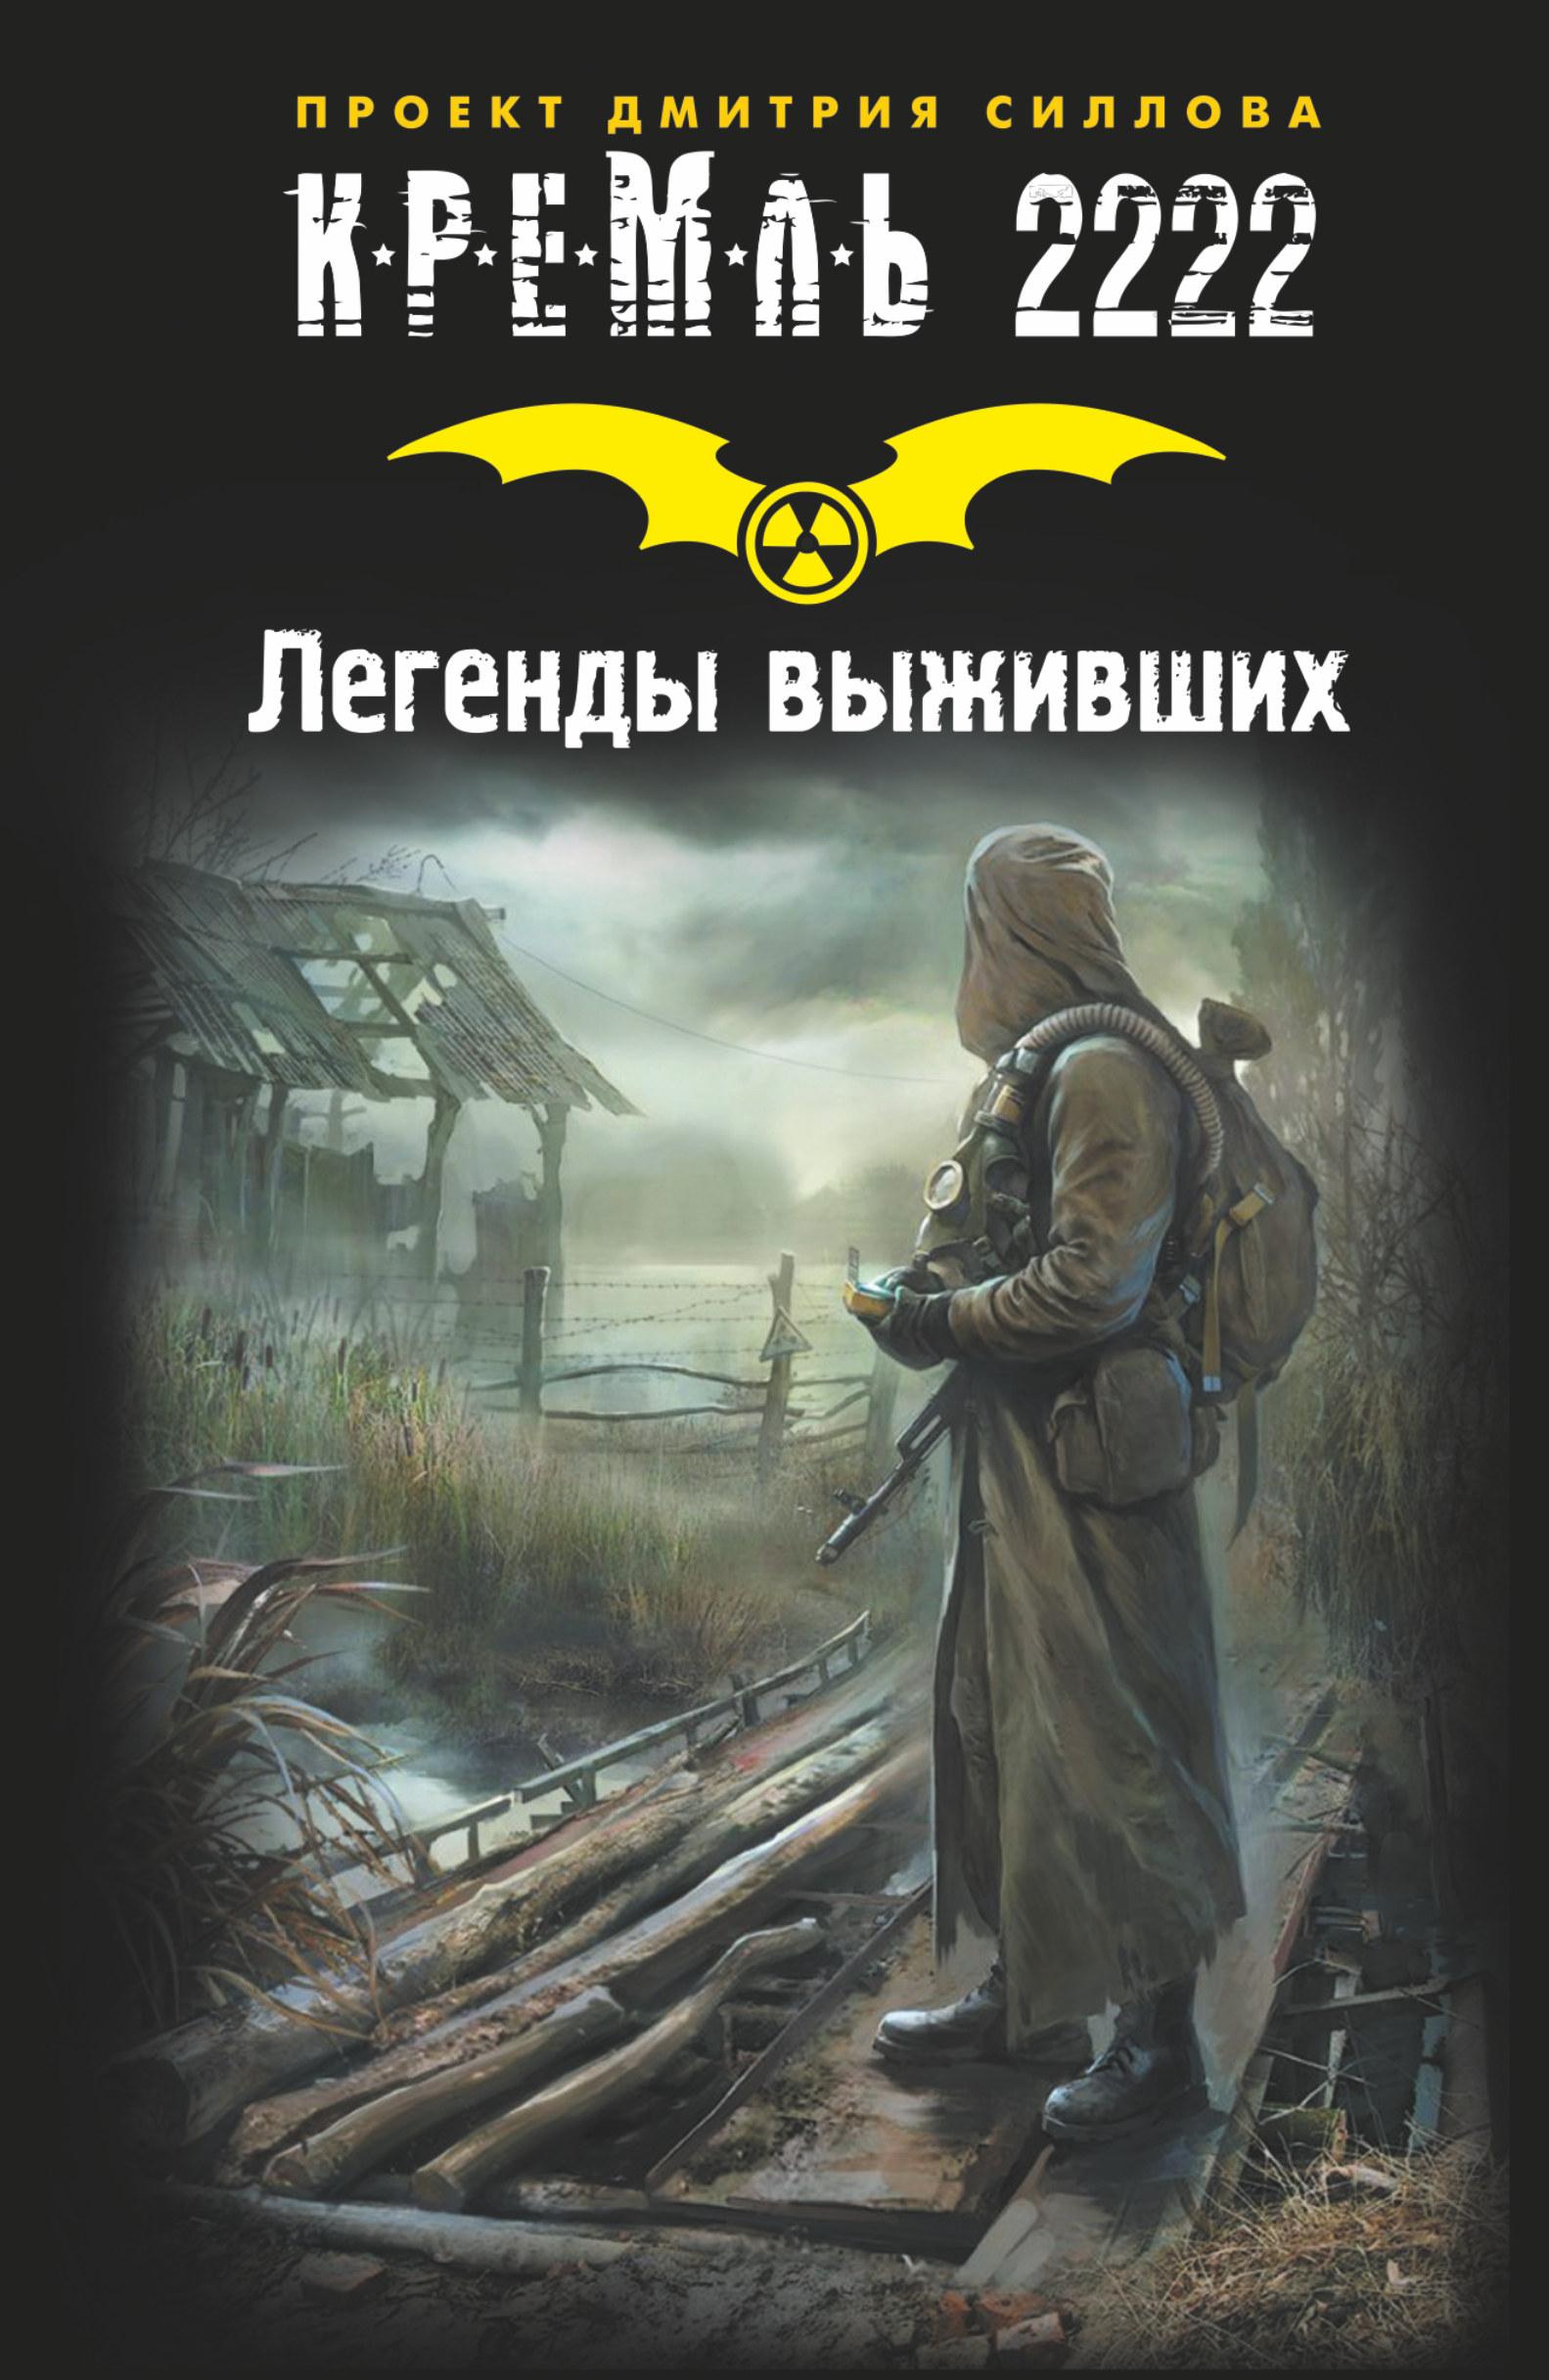 найти книги силлова про малахова Рязанский